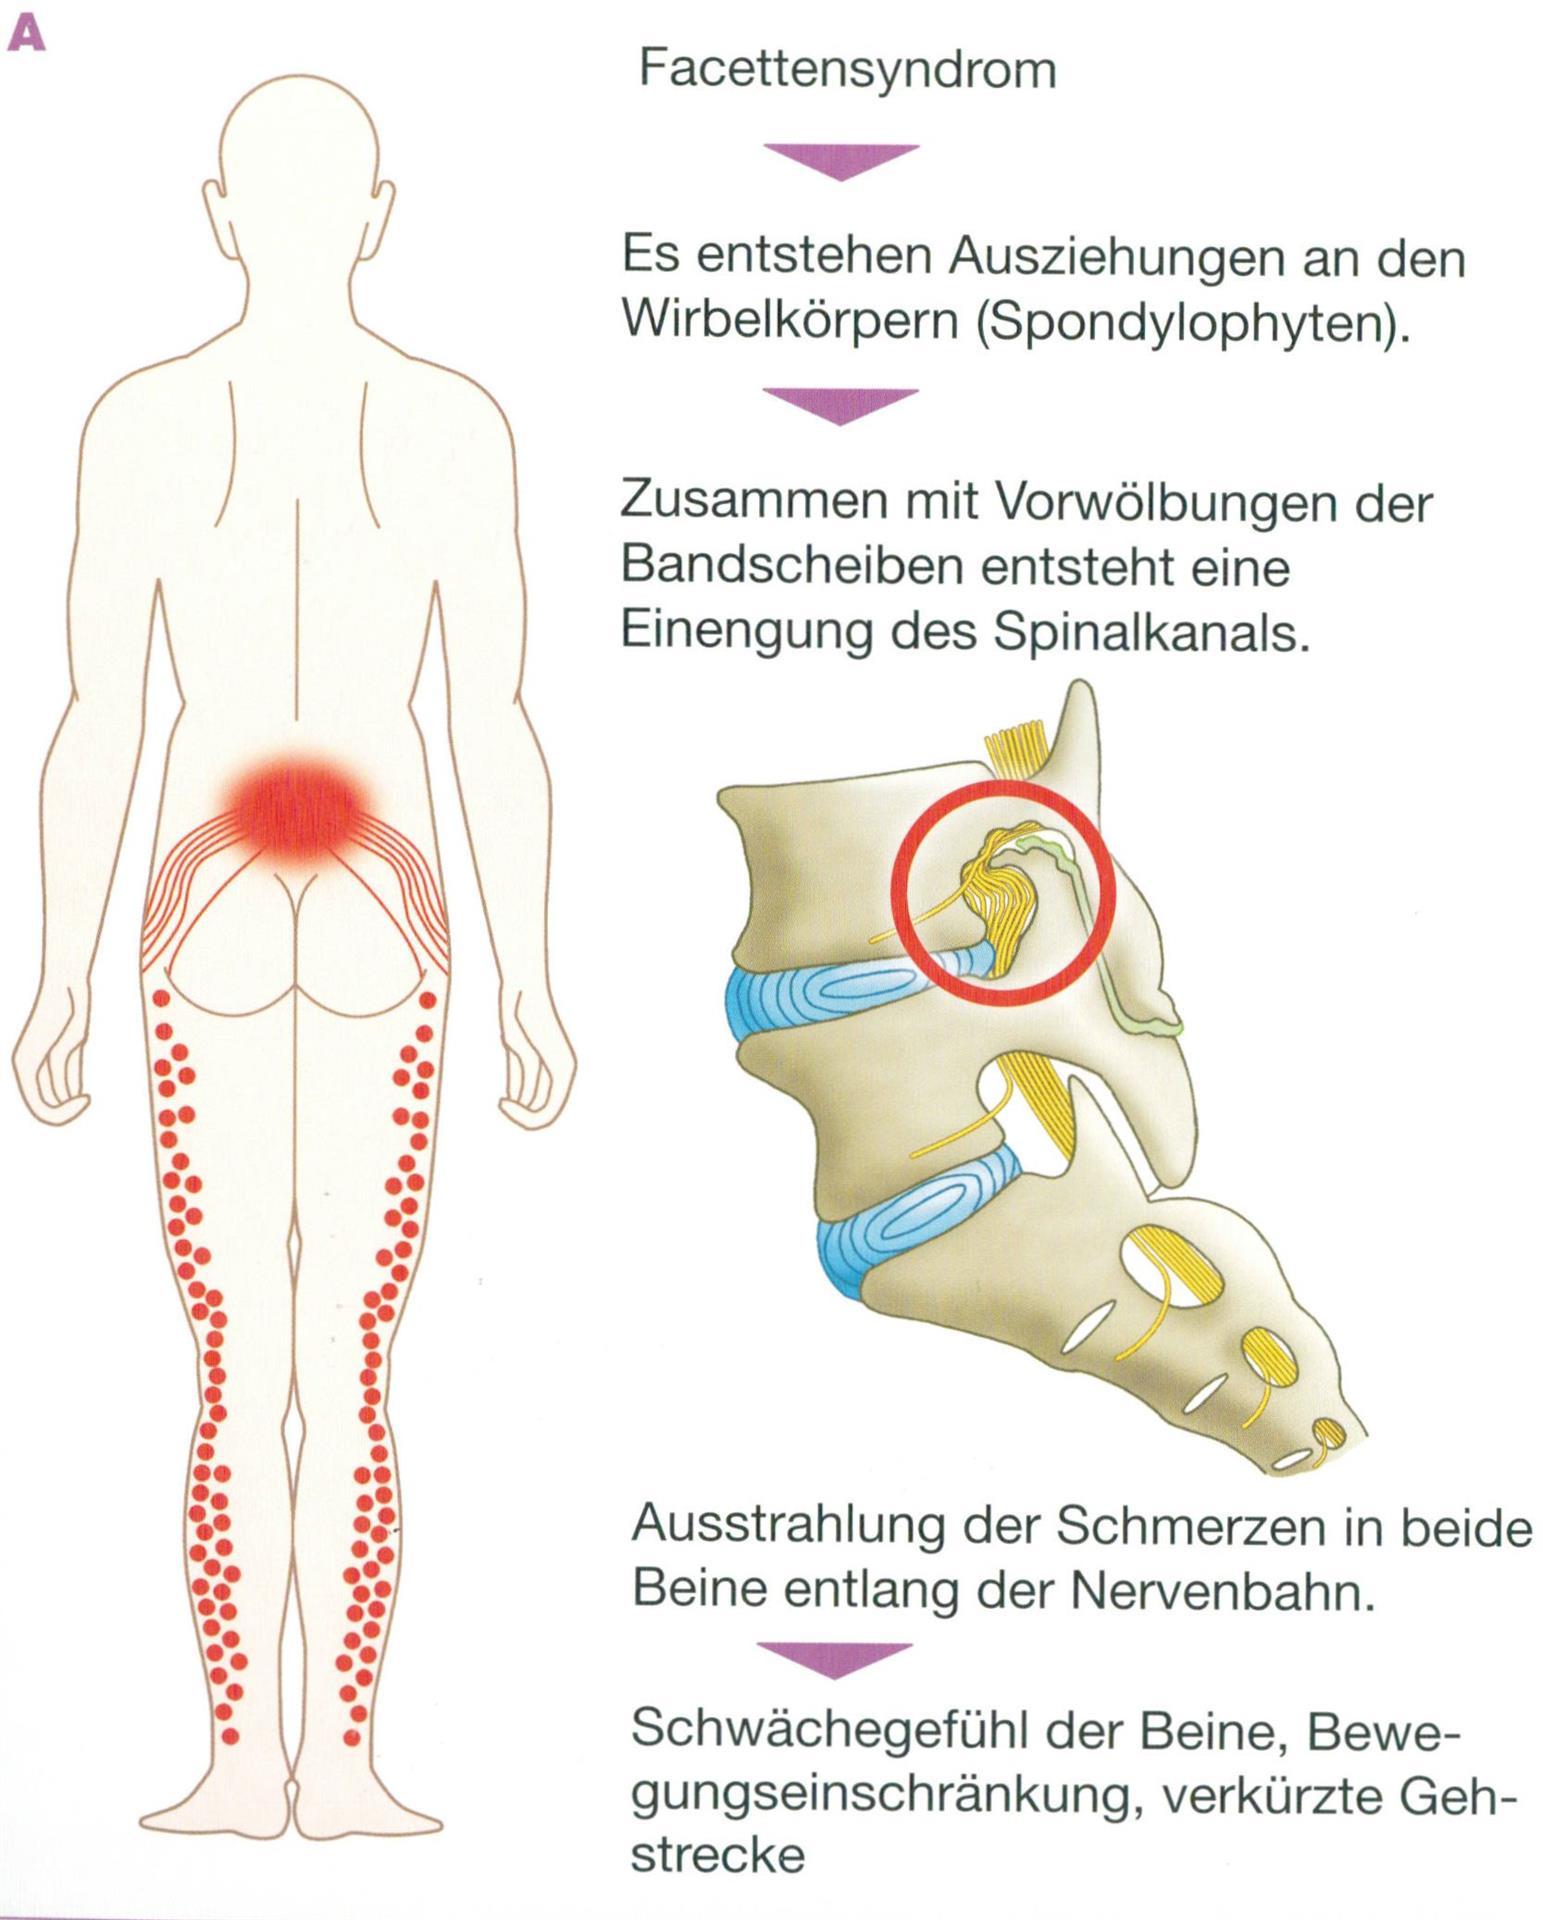 Gemütlich Facettengelenke Anatomie Ideen - Anatomie Von Menschlichen ...